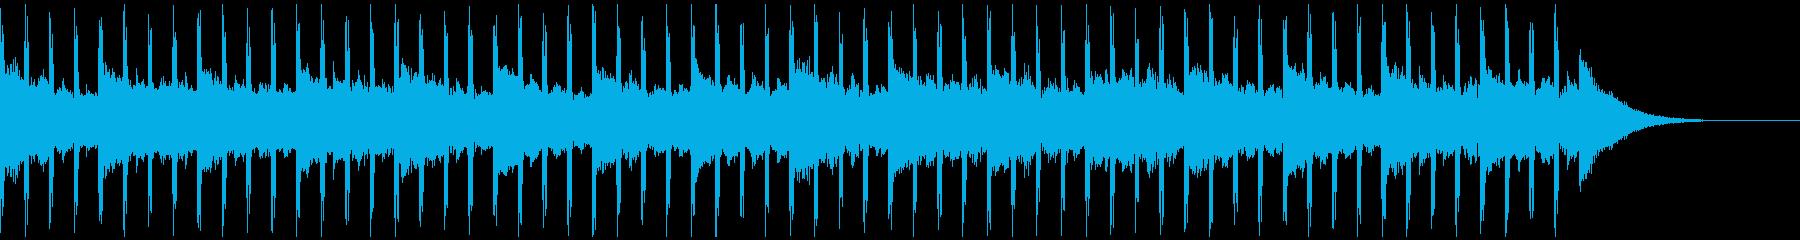 スタートアップ(30秒)の再生済みの波形